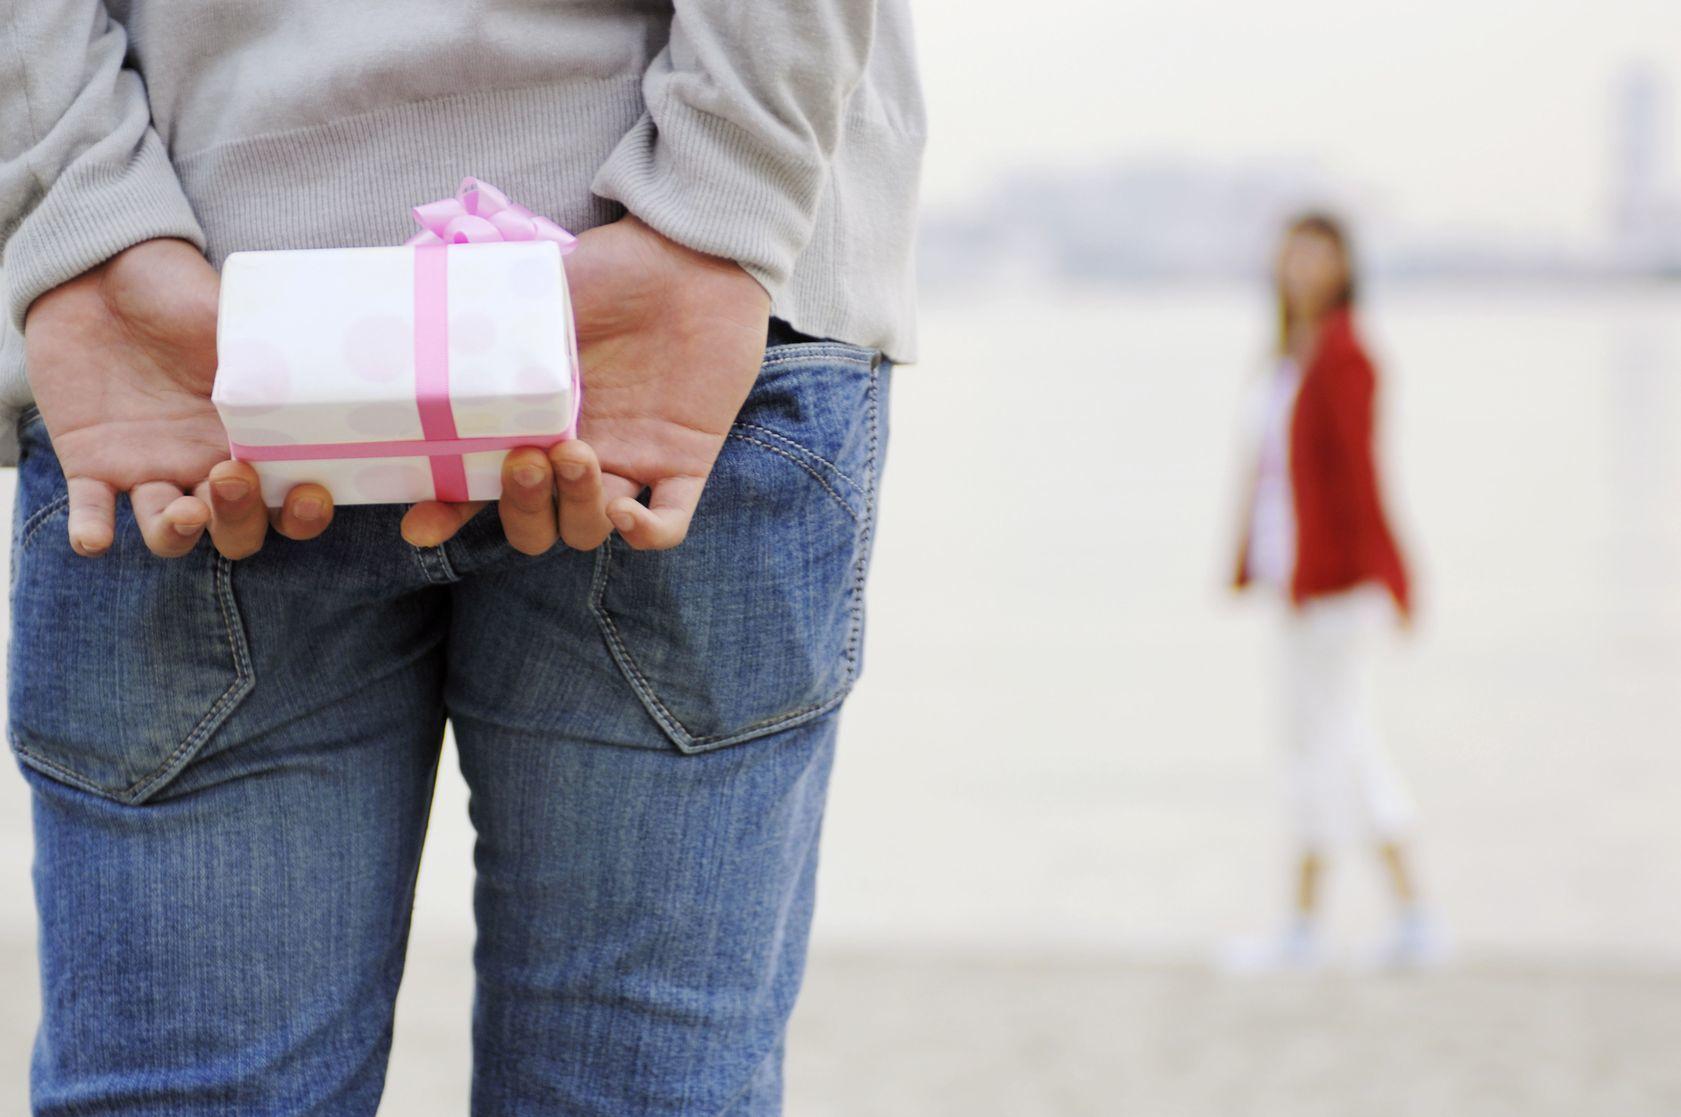 「嬉しい!」「いらない…」彼からもらった最高&がっかりプレゼント【みんなの恋愛&モテ★裏トーク】_1_1